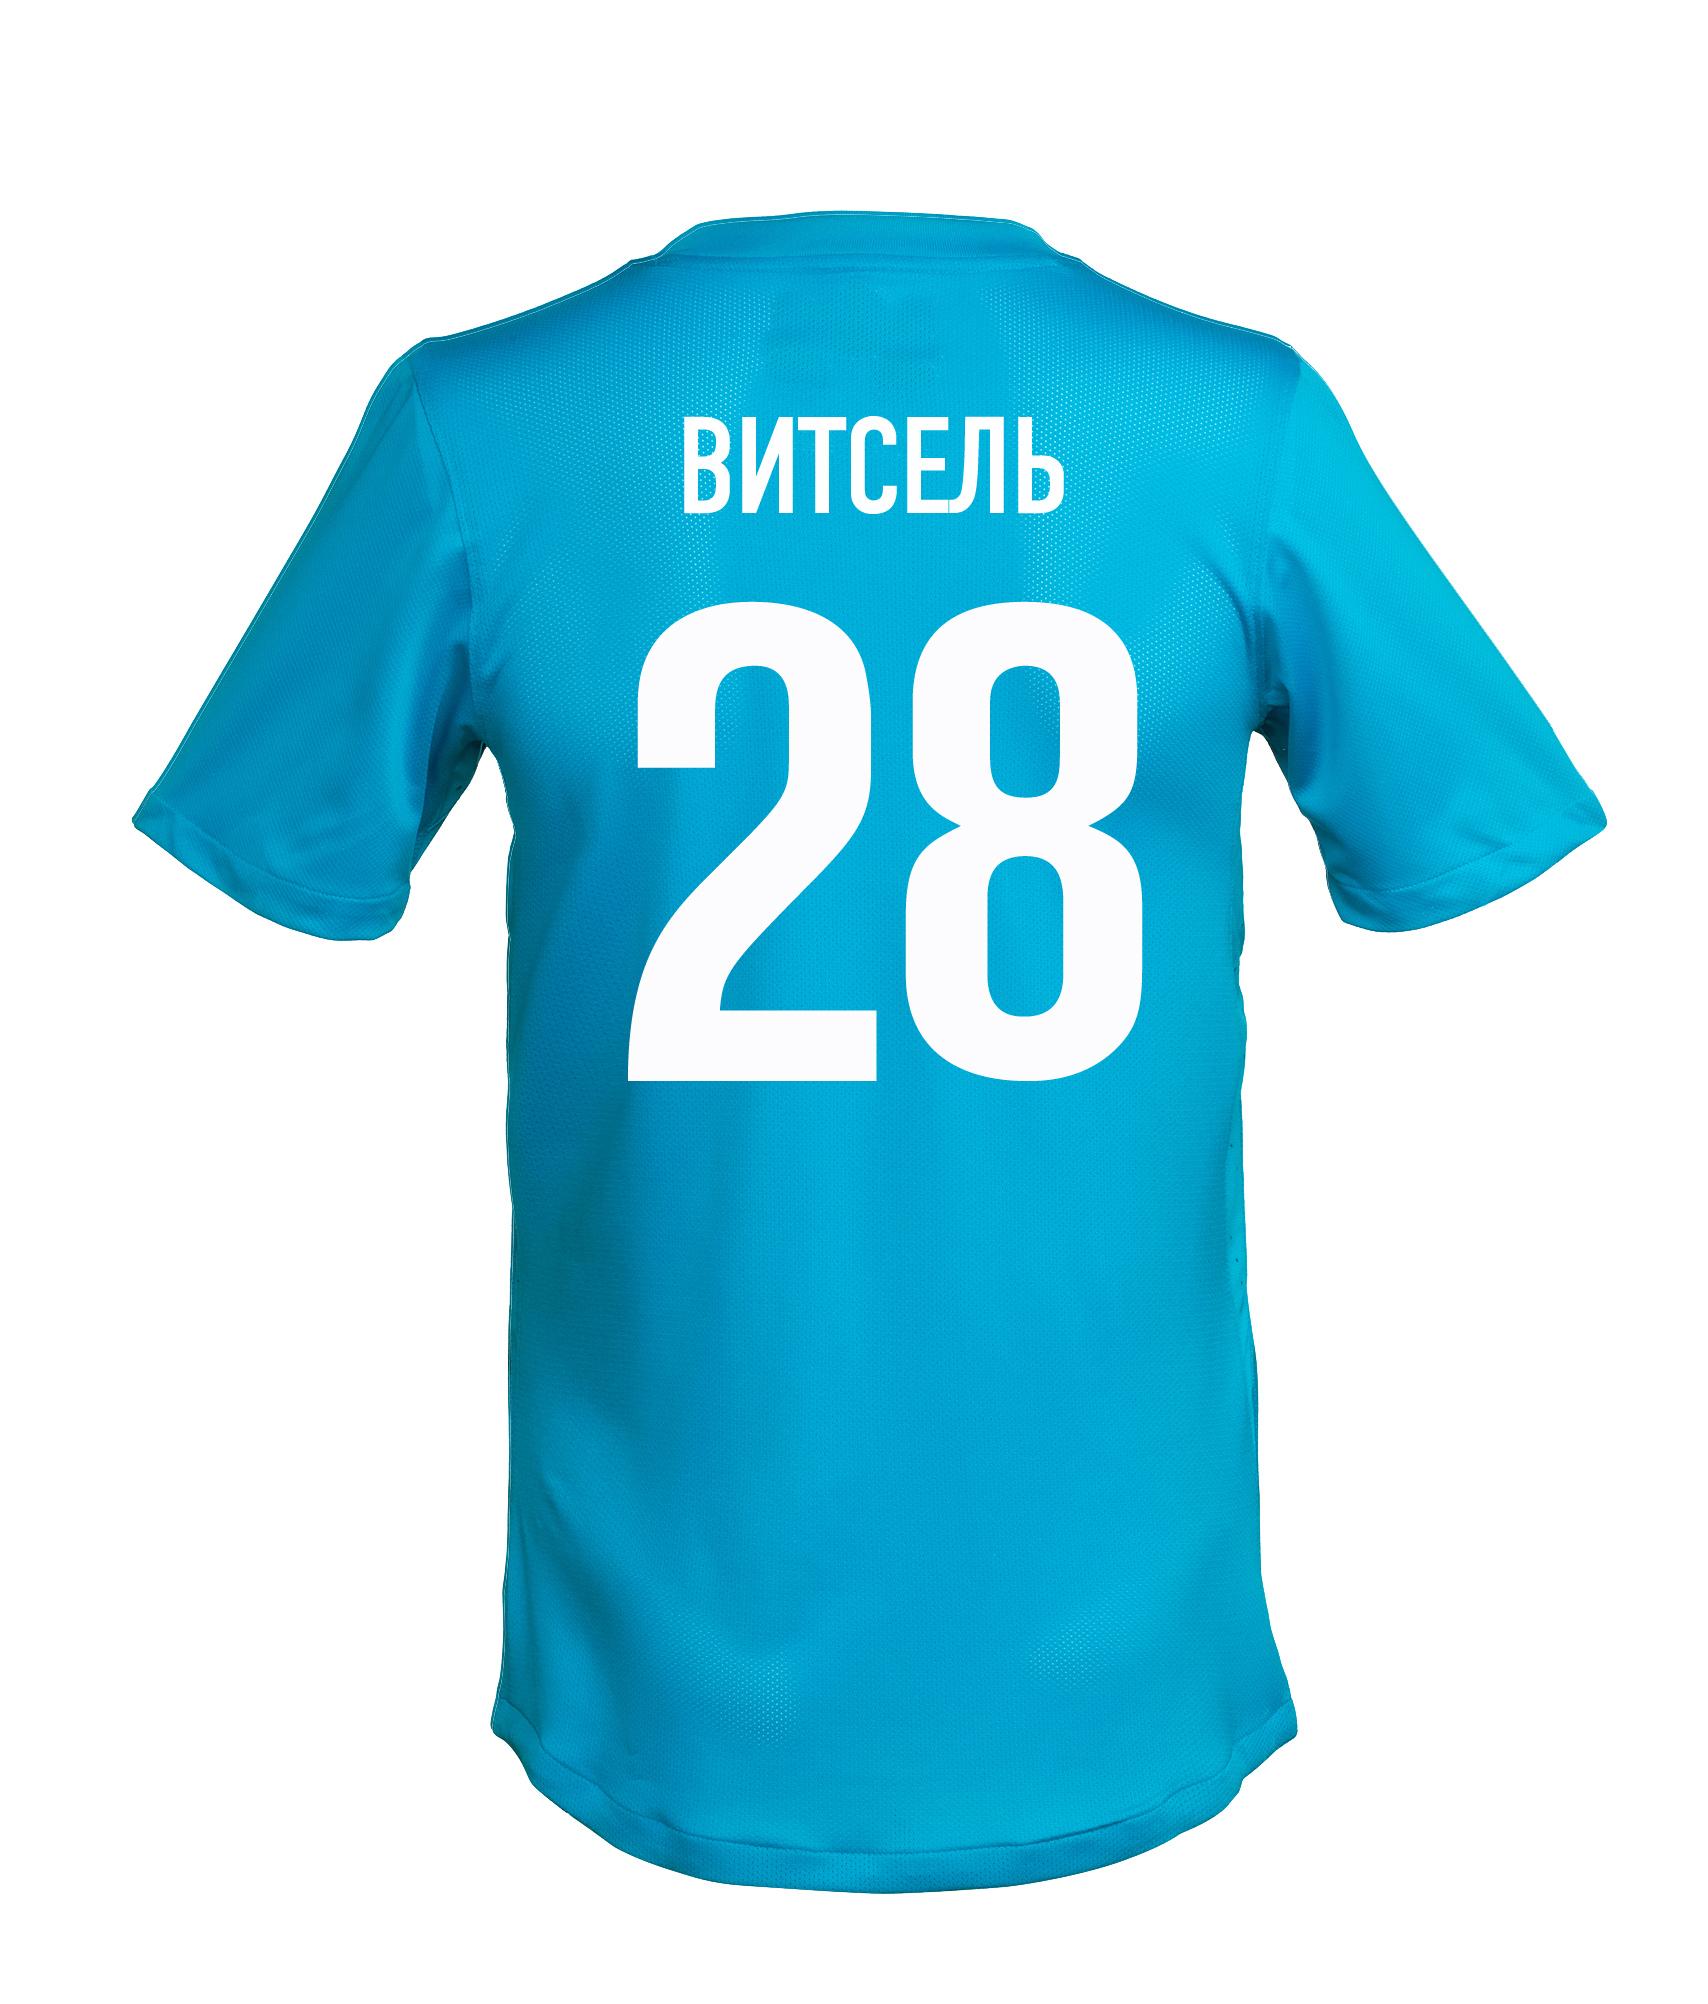 Игровая футболка с фамилией и номером А. Витселя, Цвет-Синий, Размер-S